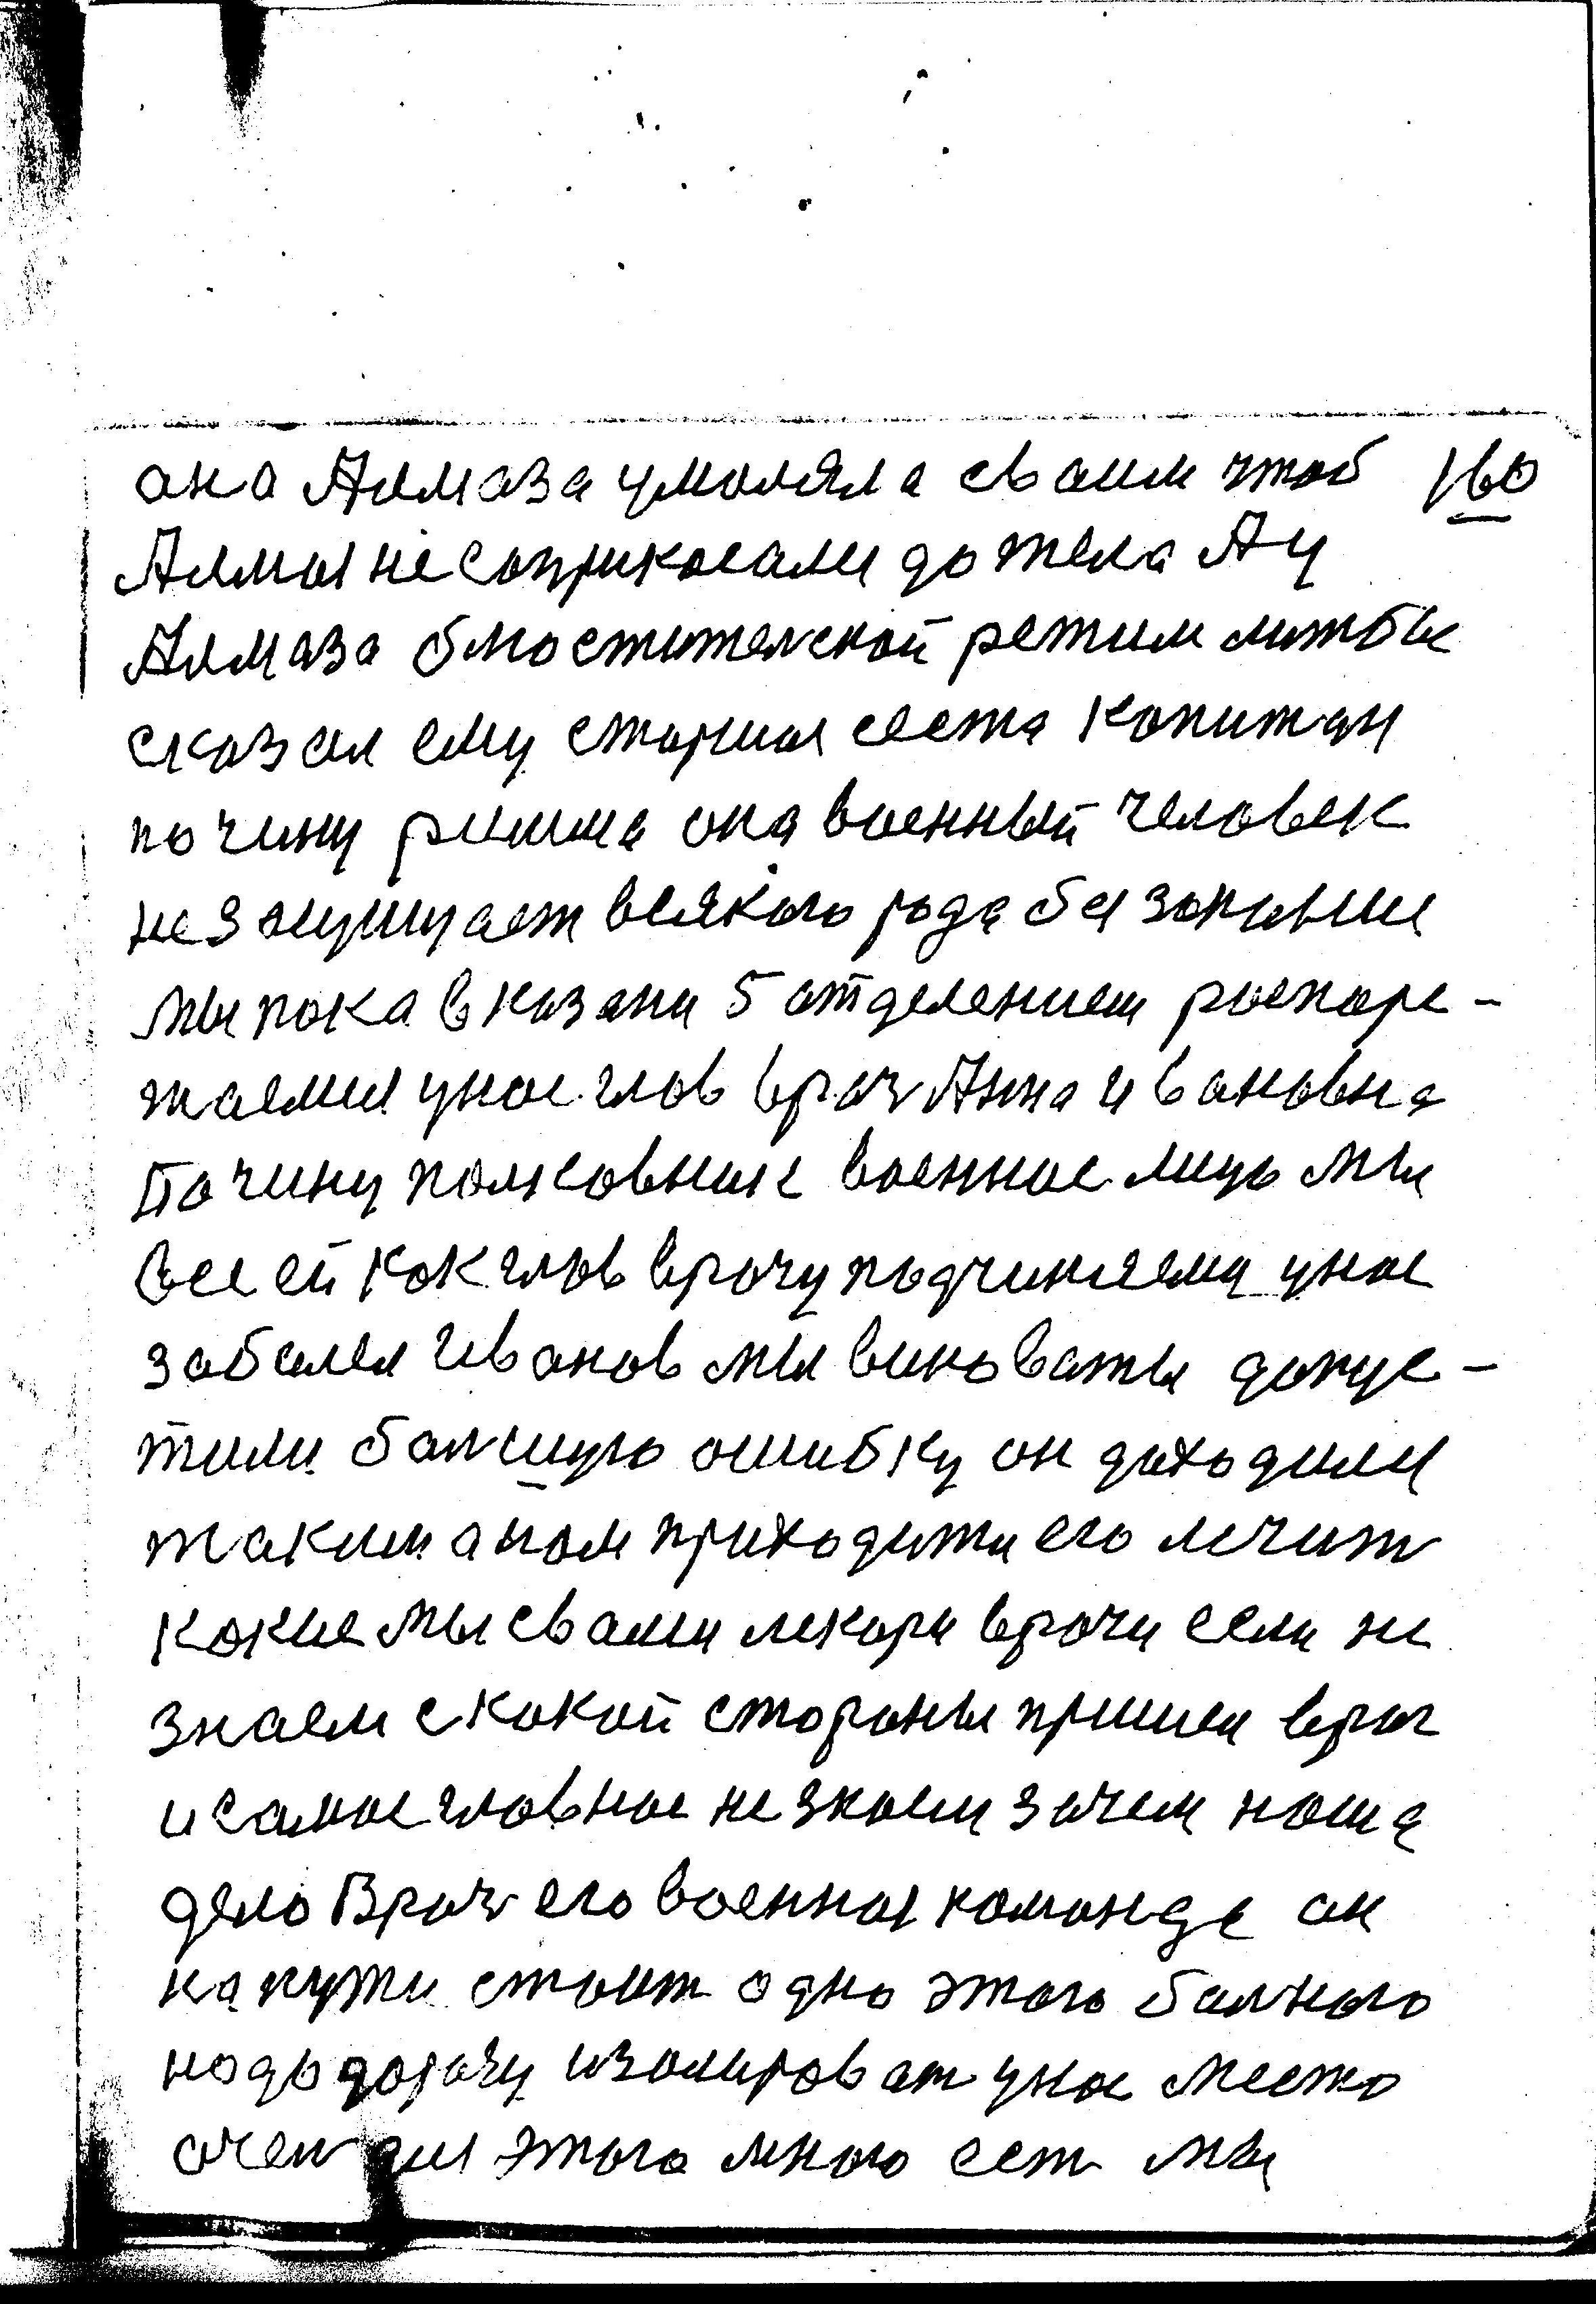 34-160.jpg